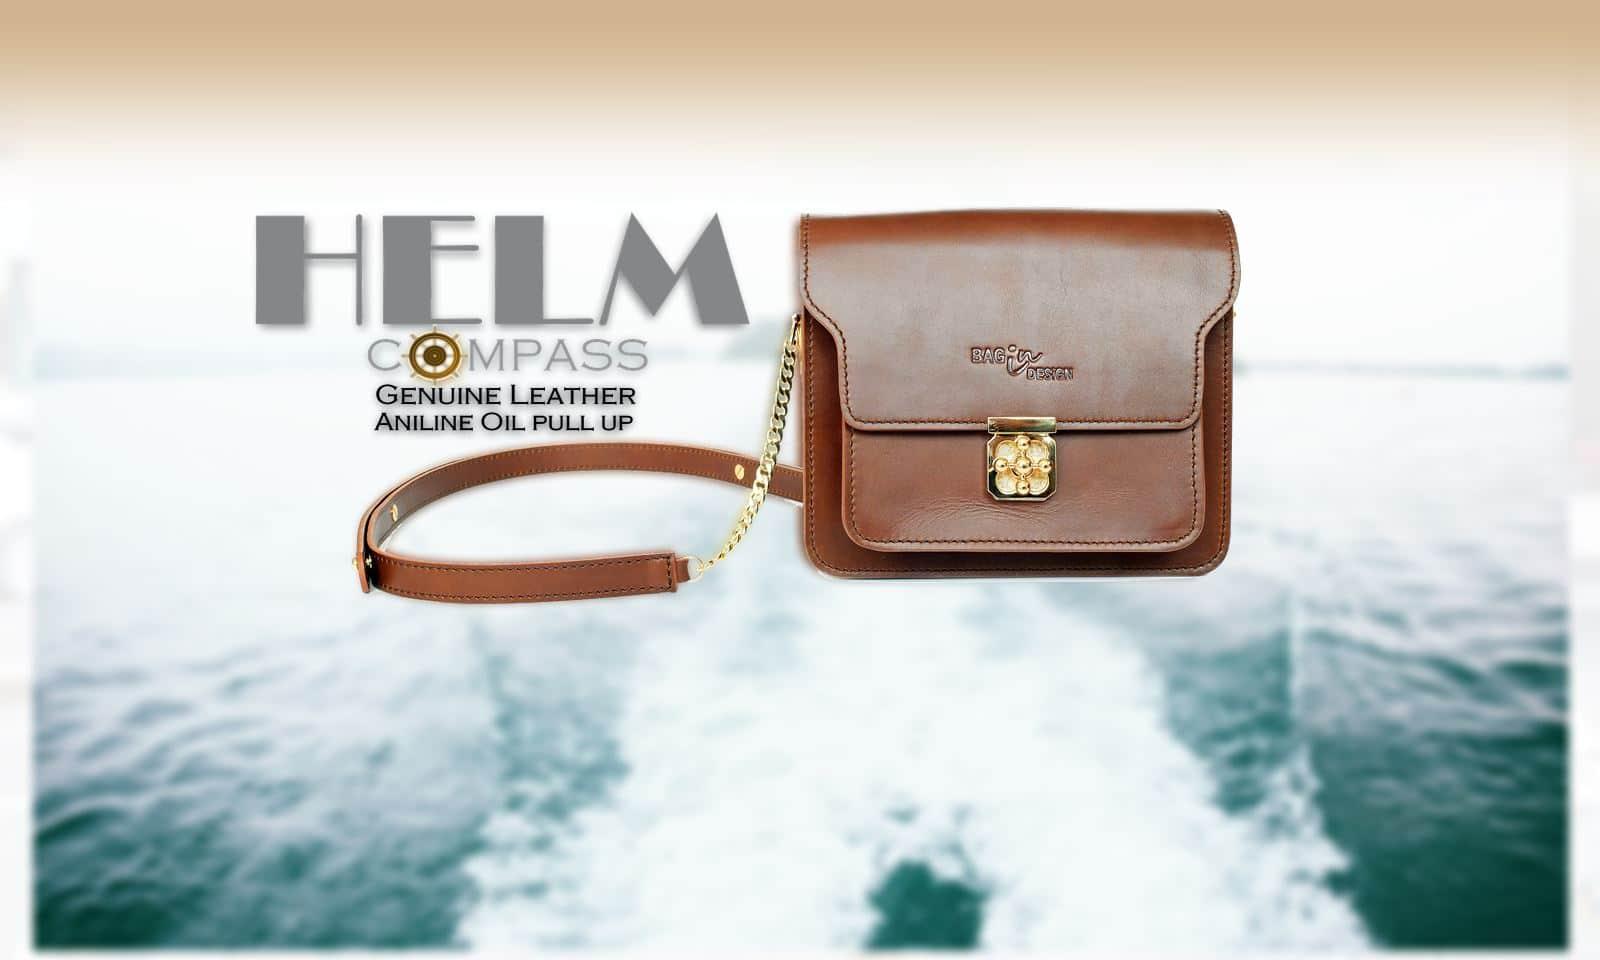 กระเป๋าผู้หญิง หนังแท้ Helm